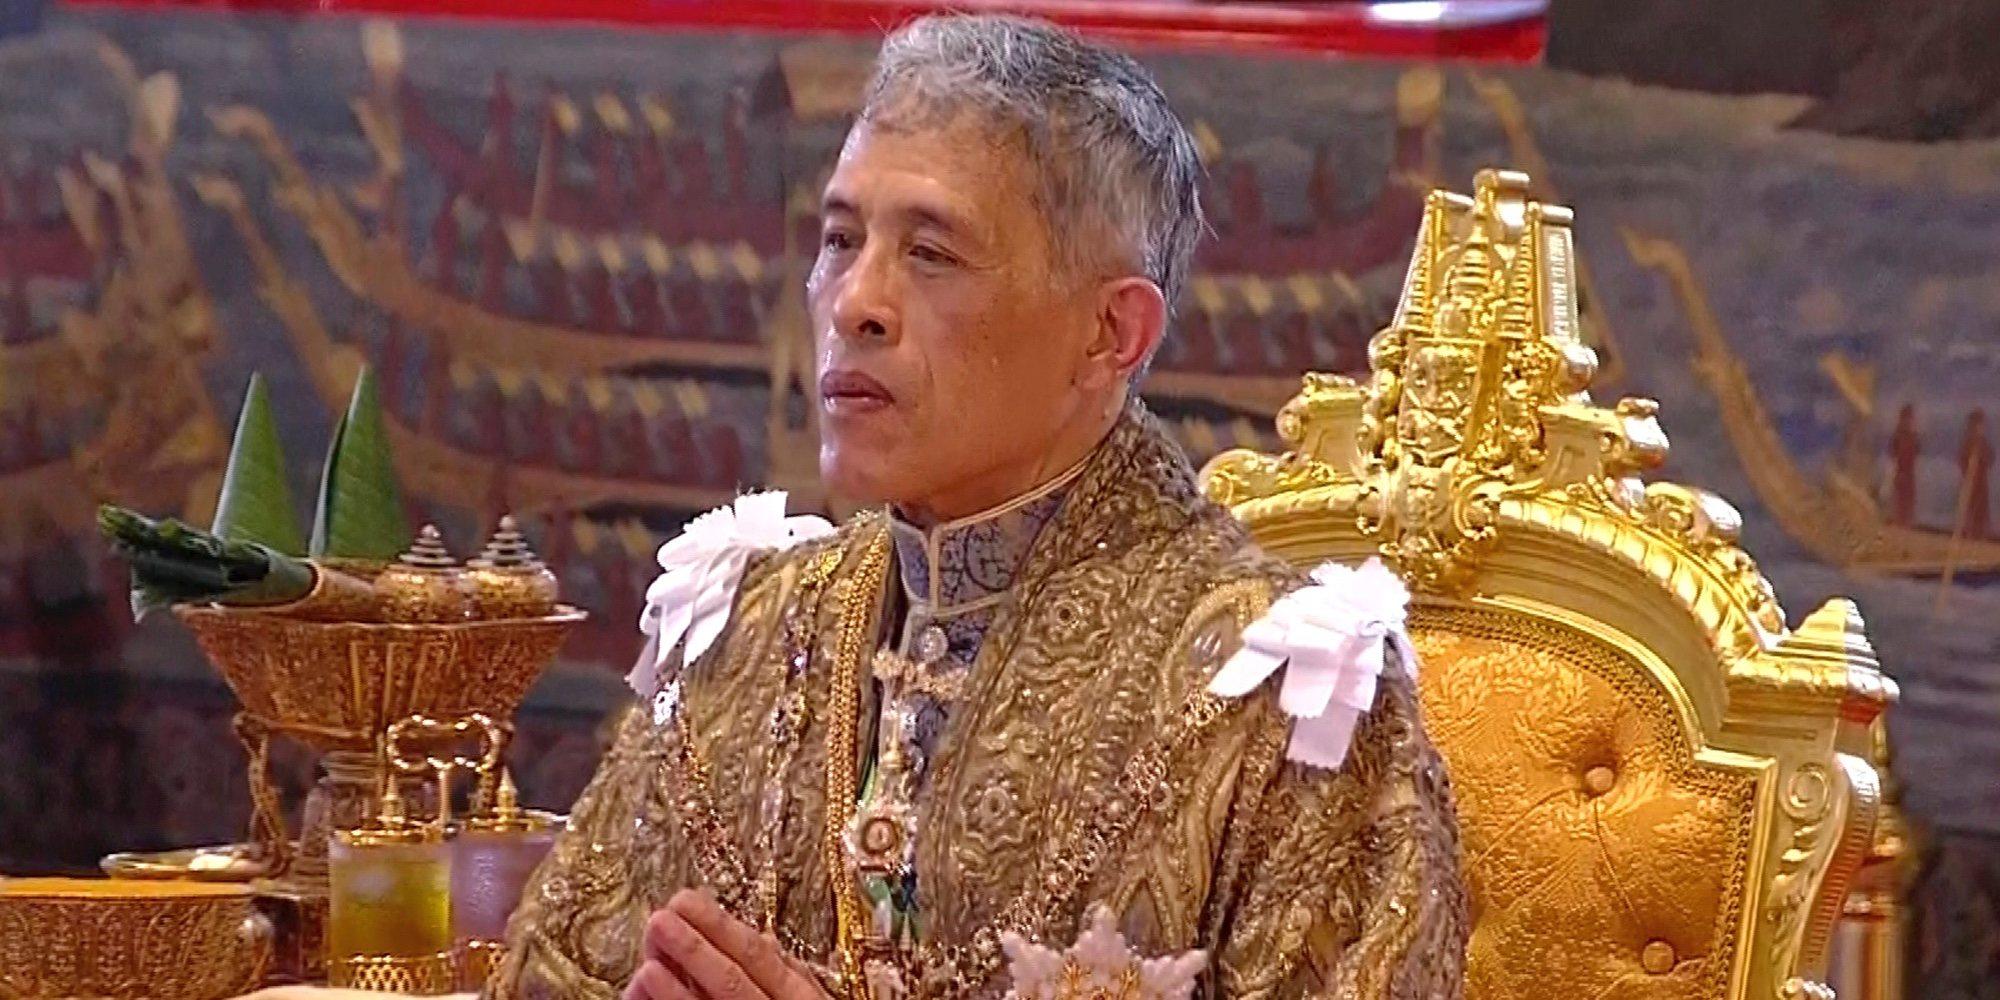 La extravagante coronación de Rama X, el nuevo Rey de Tailandia: millones de euros y tres días de celebración